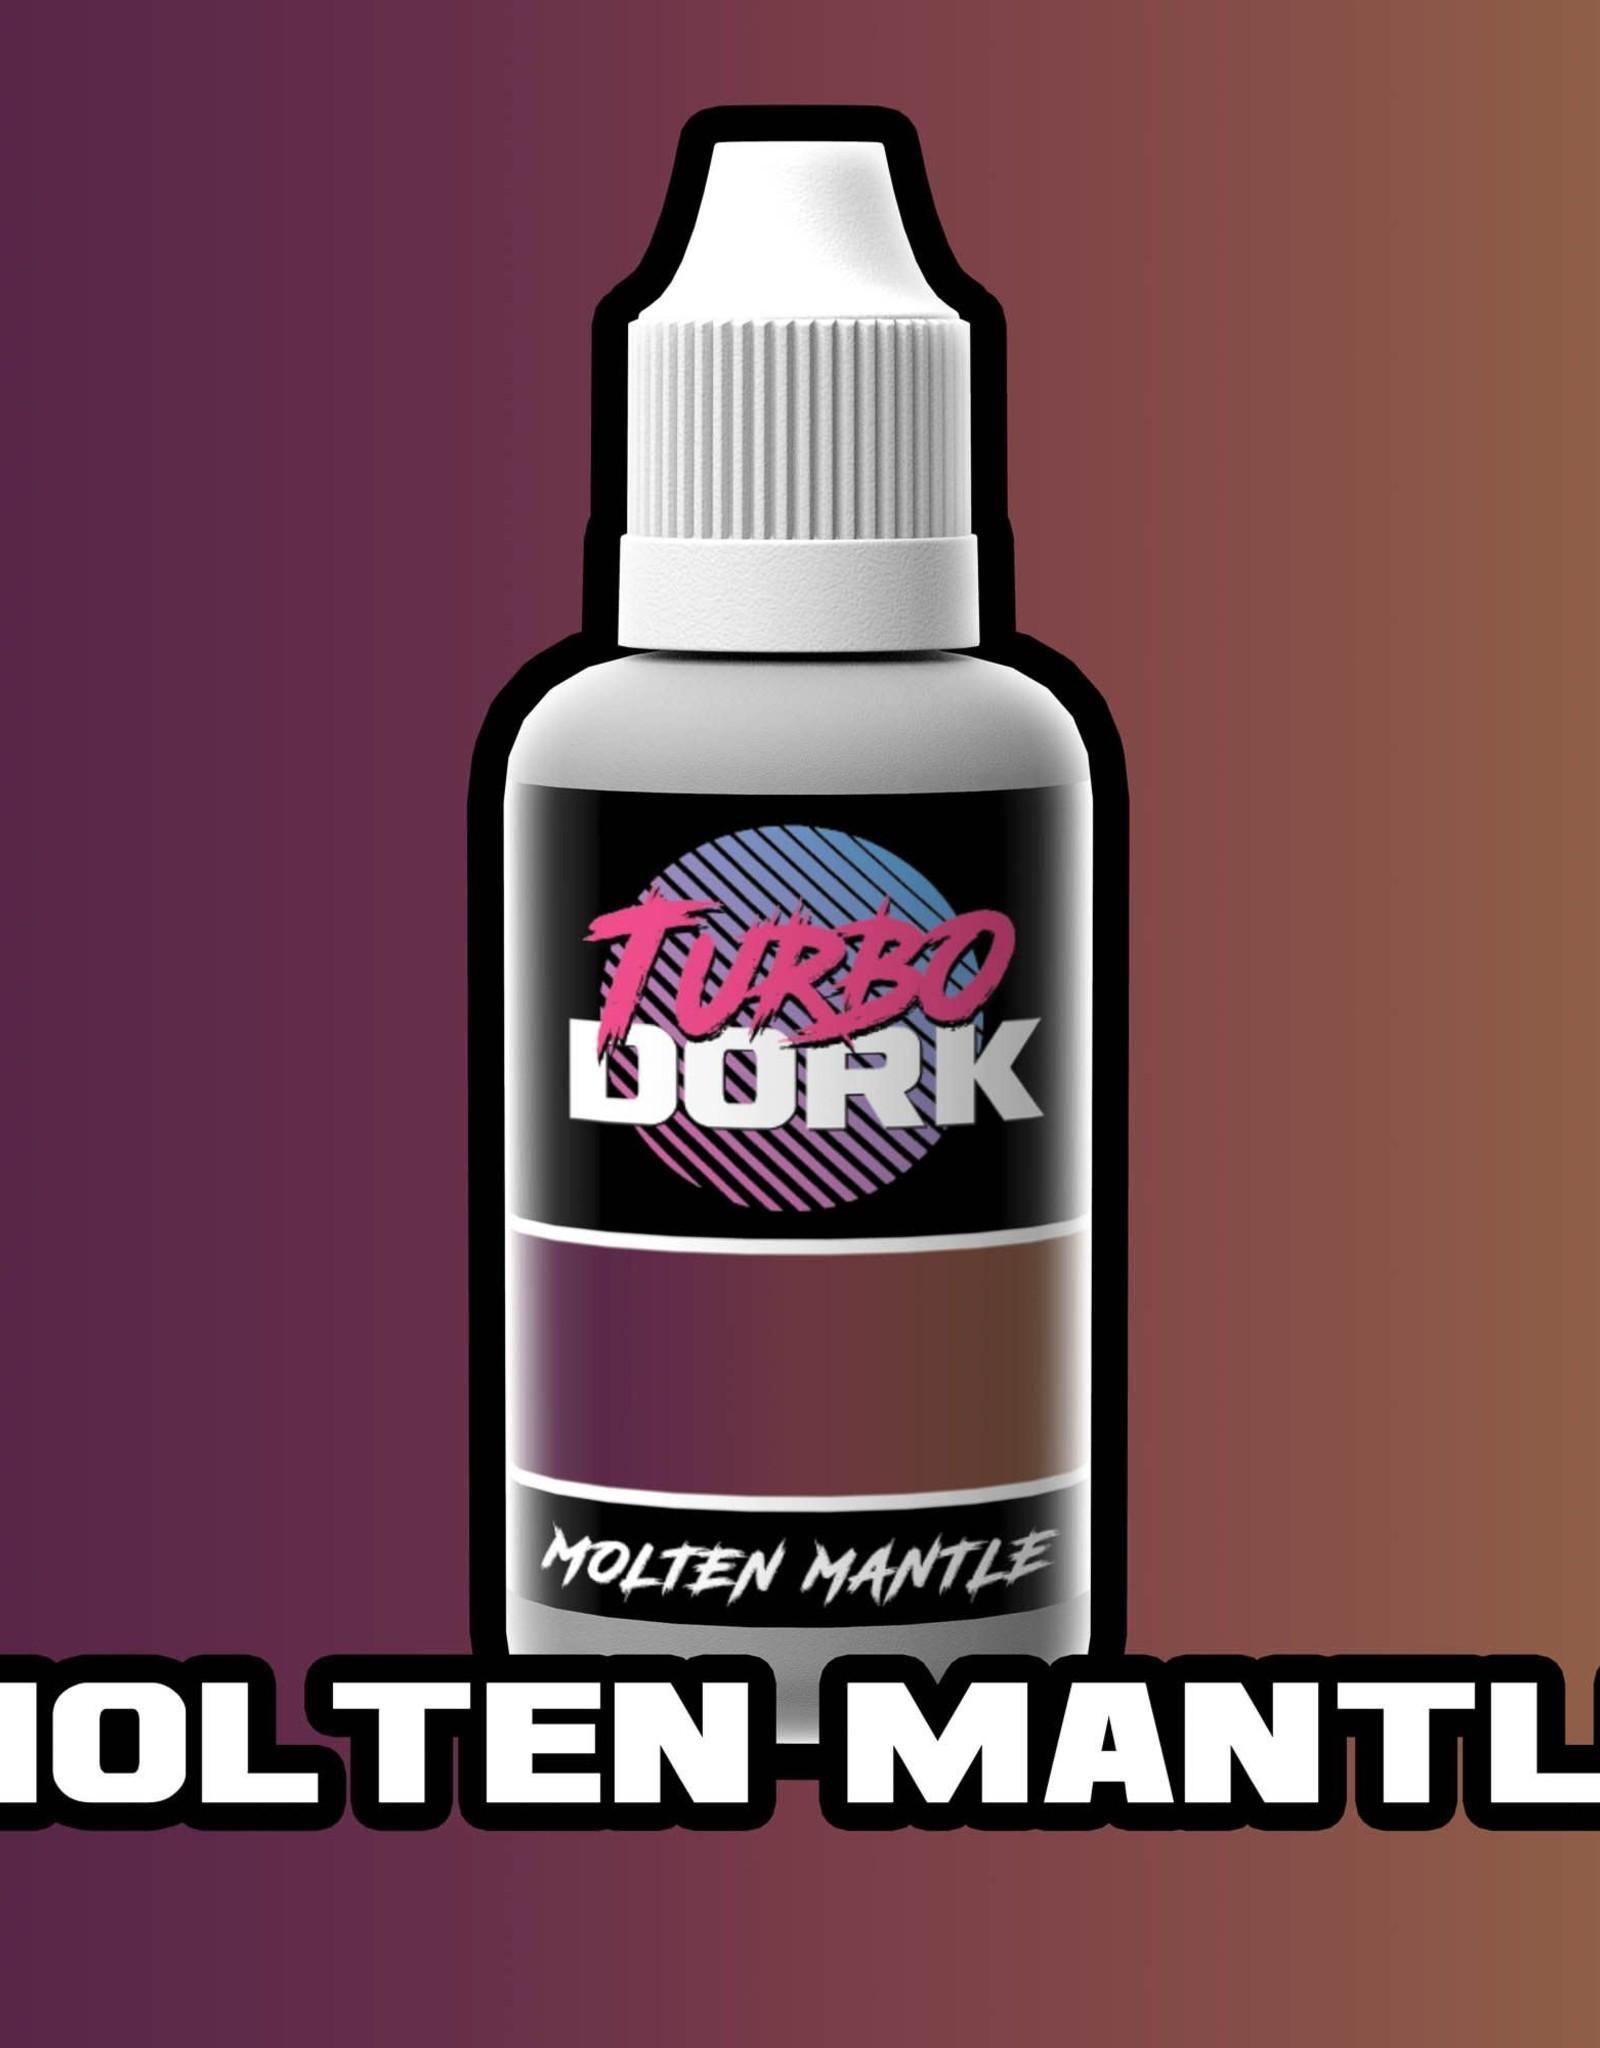 Molten Mantle Turboshift Actylic Paint